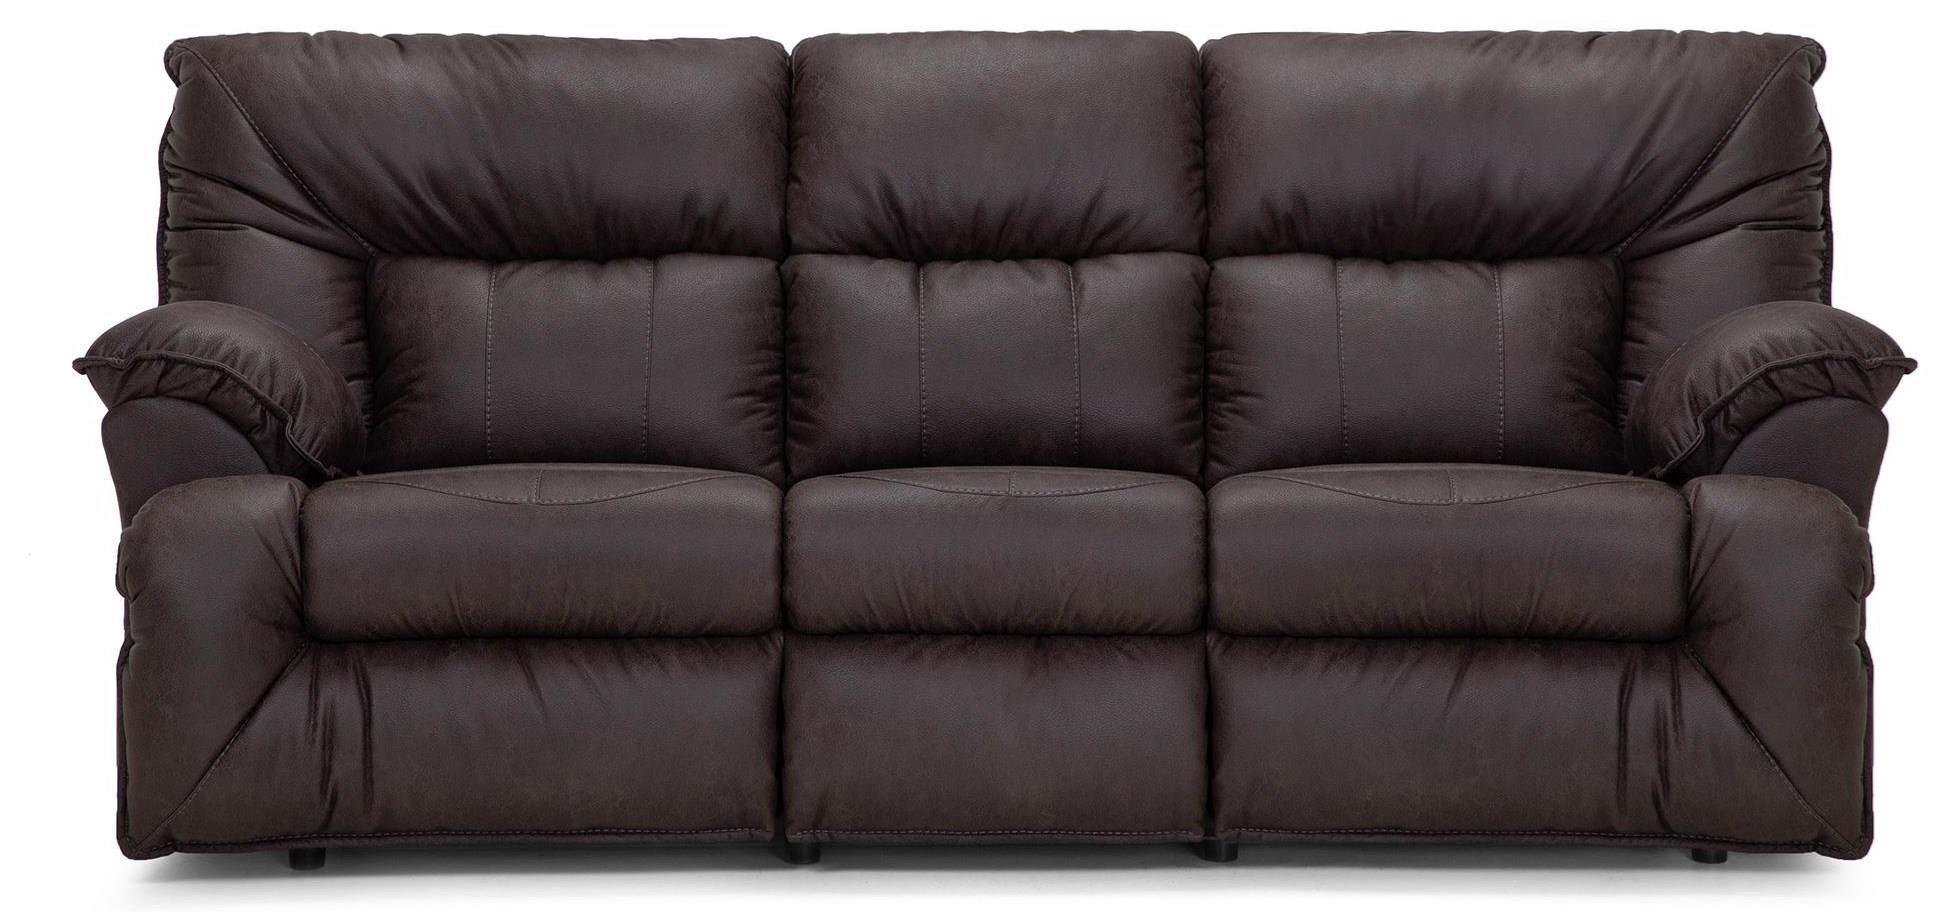 364HINSON Reclining Sofa by Franklin at Furniture Fair - North Carolina